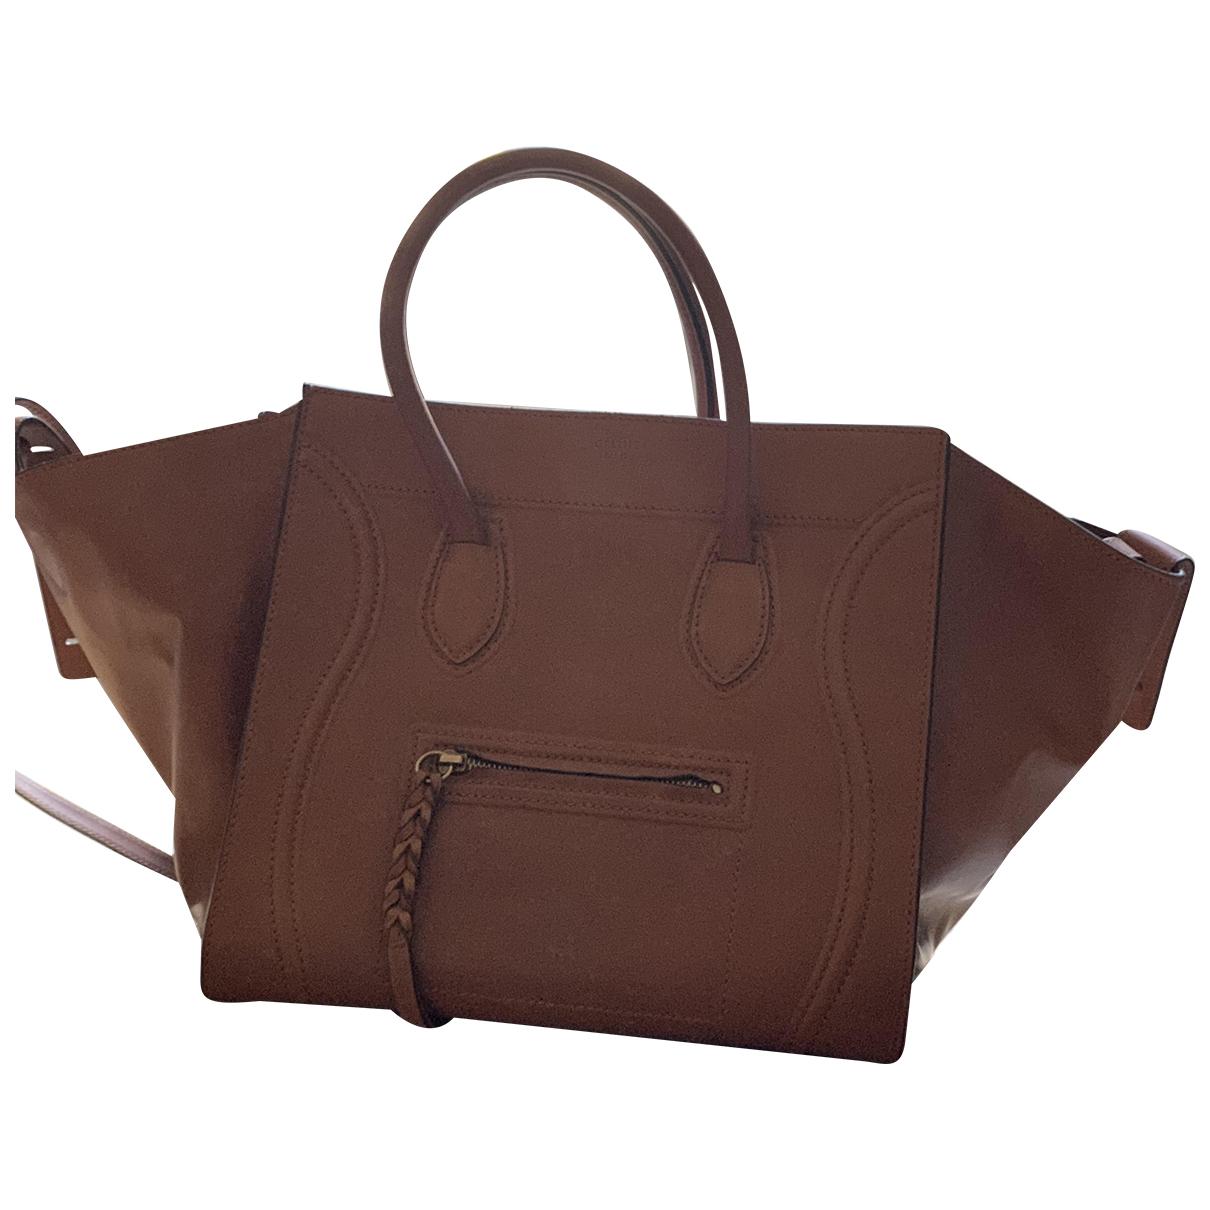 Celine - Sac a main Luggage Phantom pour femme en cuir - camel